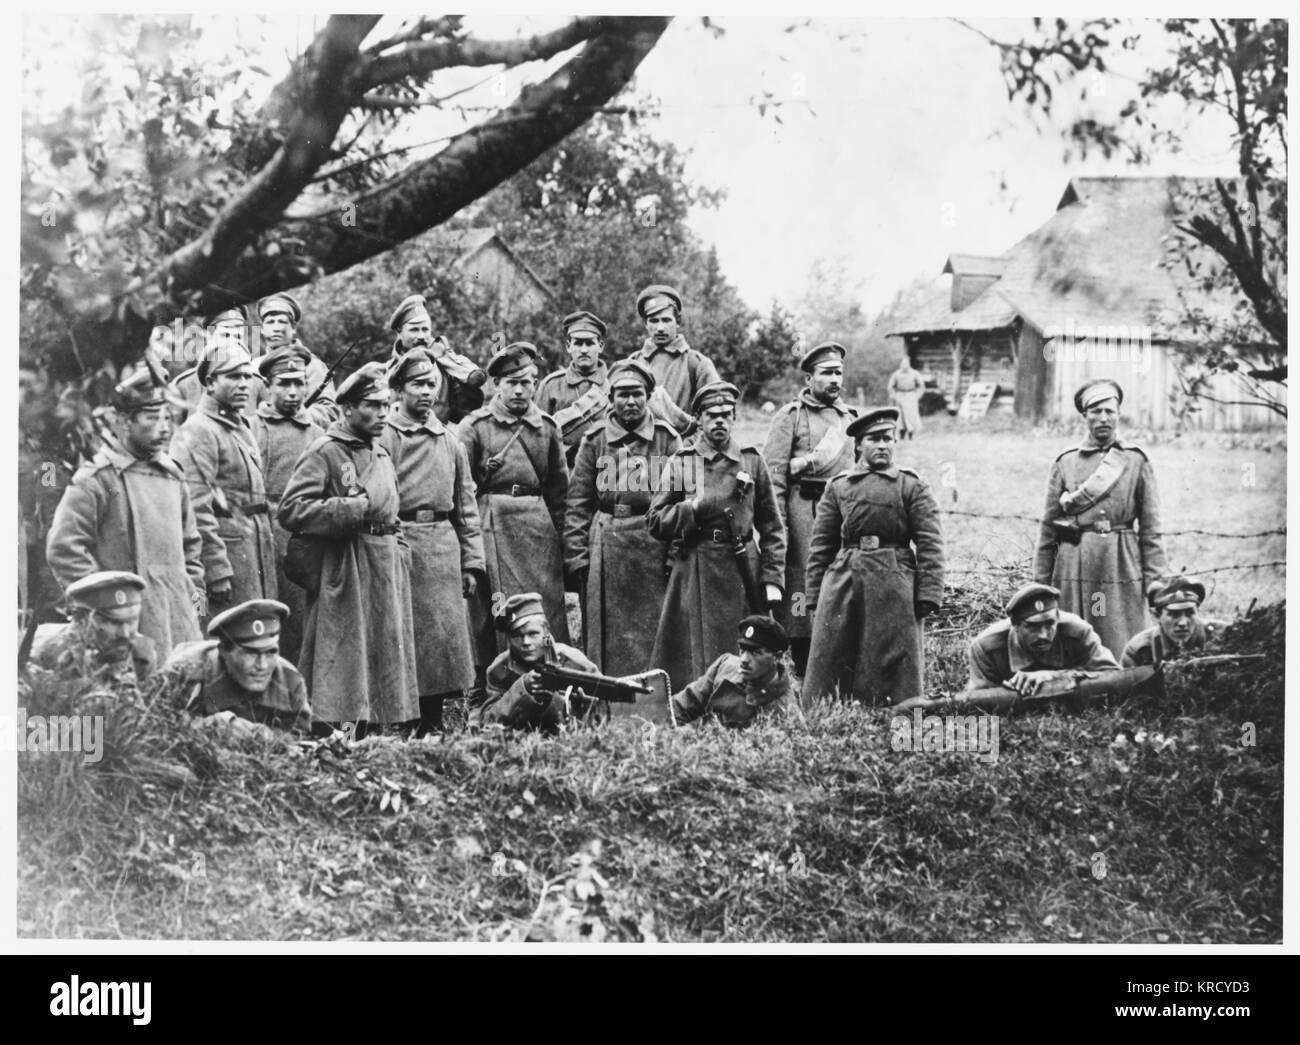 Après que le général Kornilov n'a renverser Kerensky's régime provisoire, ses partisans Photo Stock